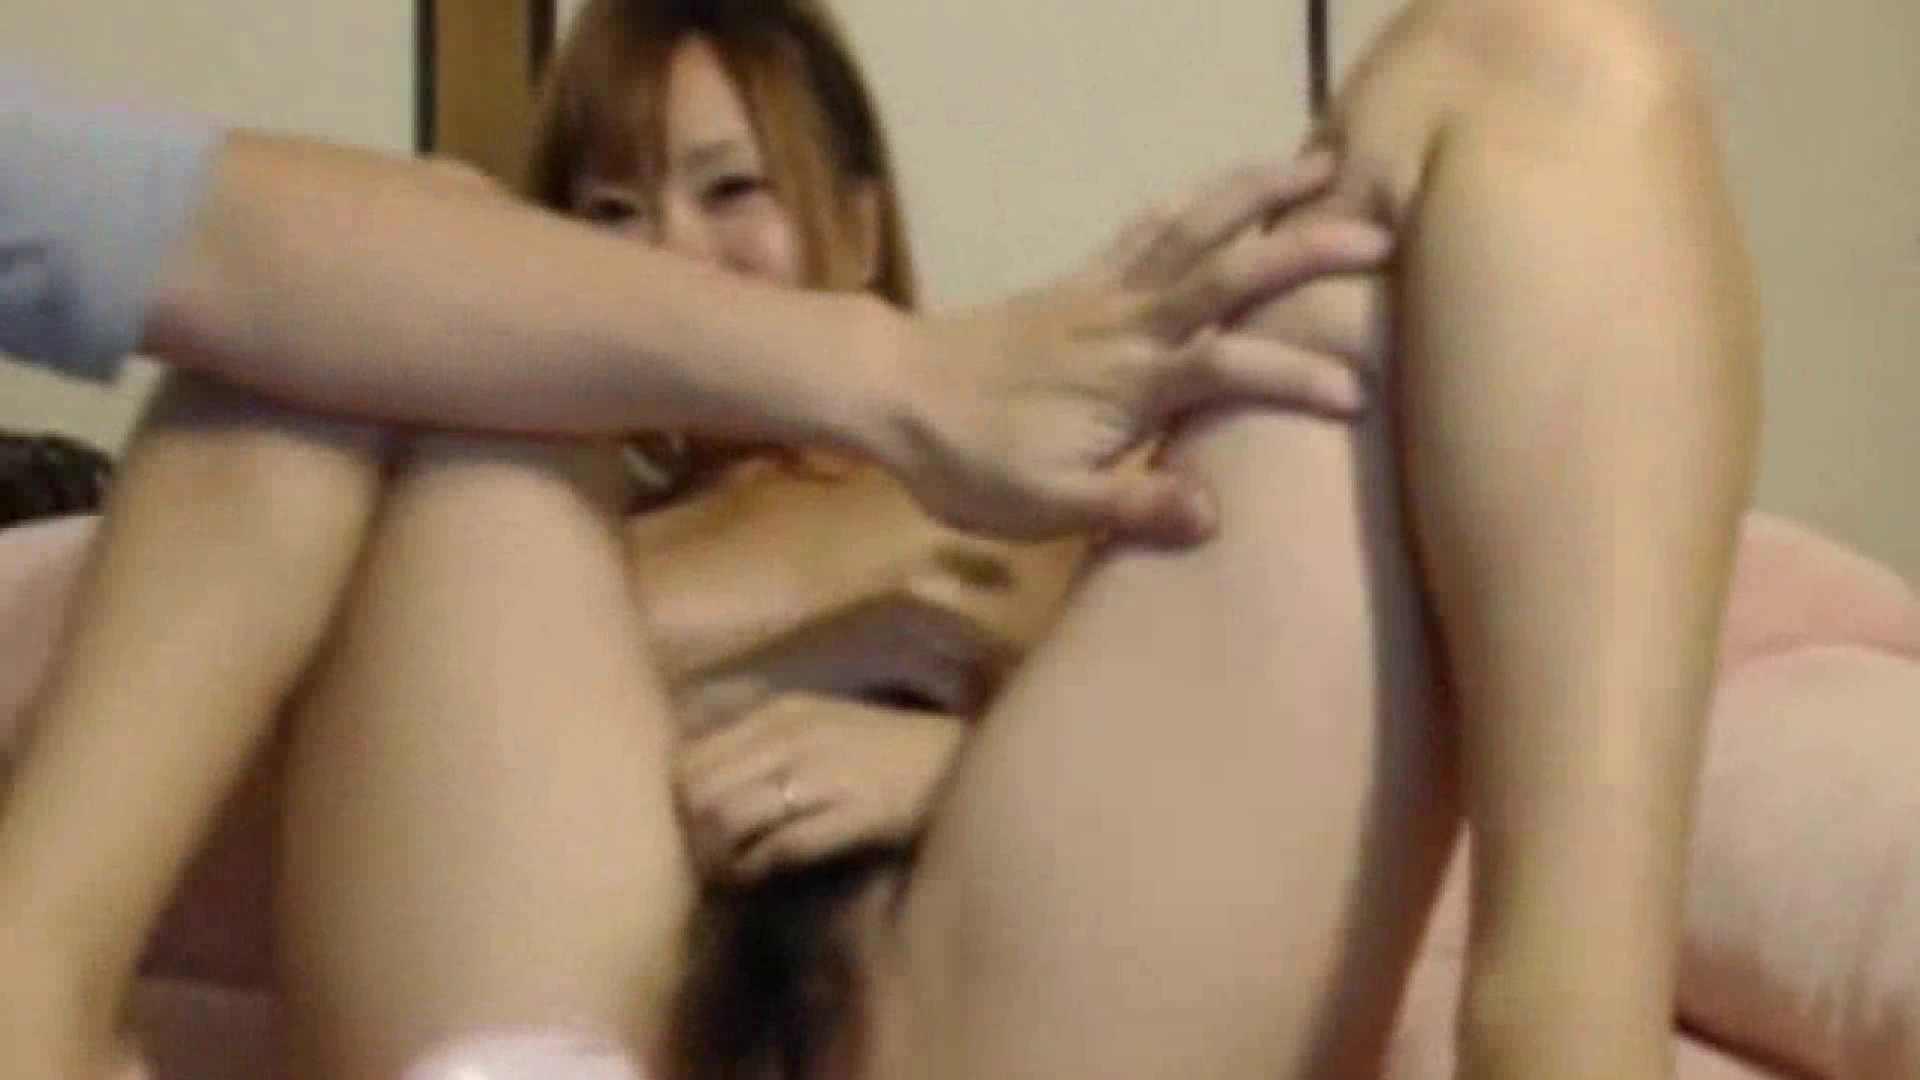 素人ギャル女良のハメ撮り!生チャット!Vol.13前編 美しいOLの裸体 エロ画像 87pic 66